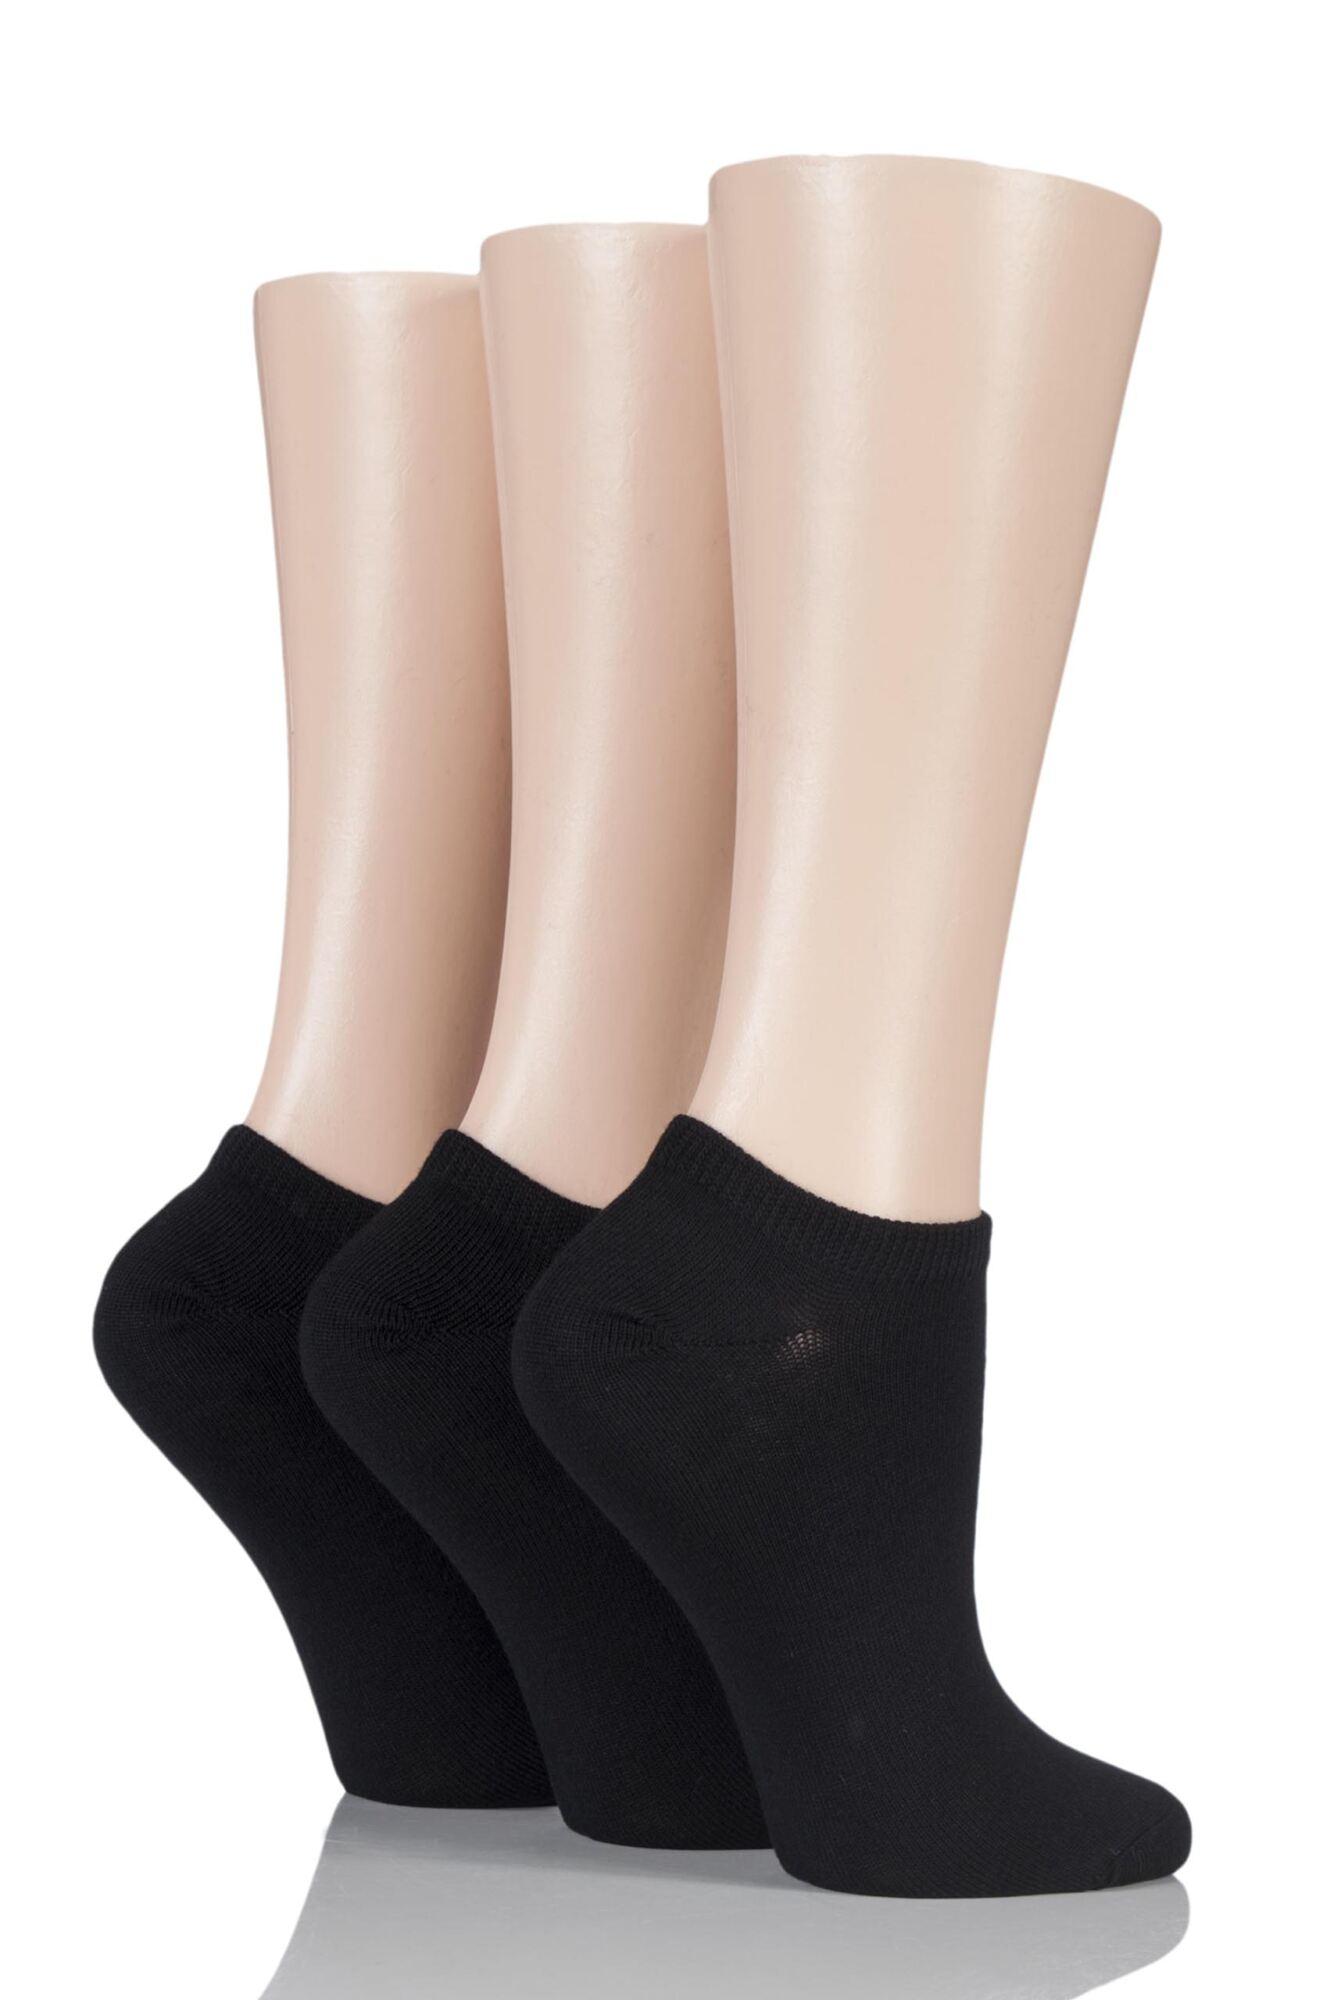 3 Pair Bamboo Trainer Socks with Smooth Toe Seams Ladies - SOCKSHOP